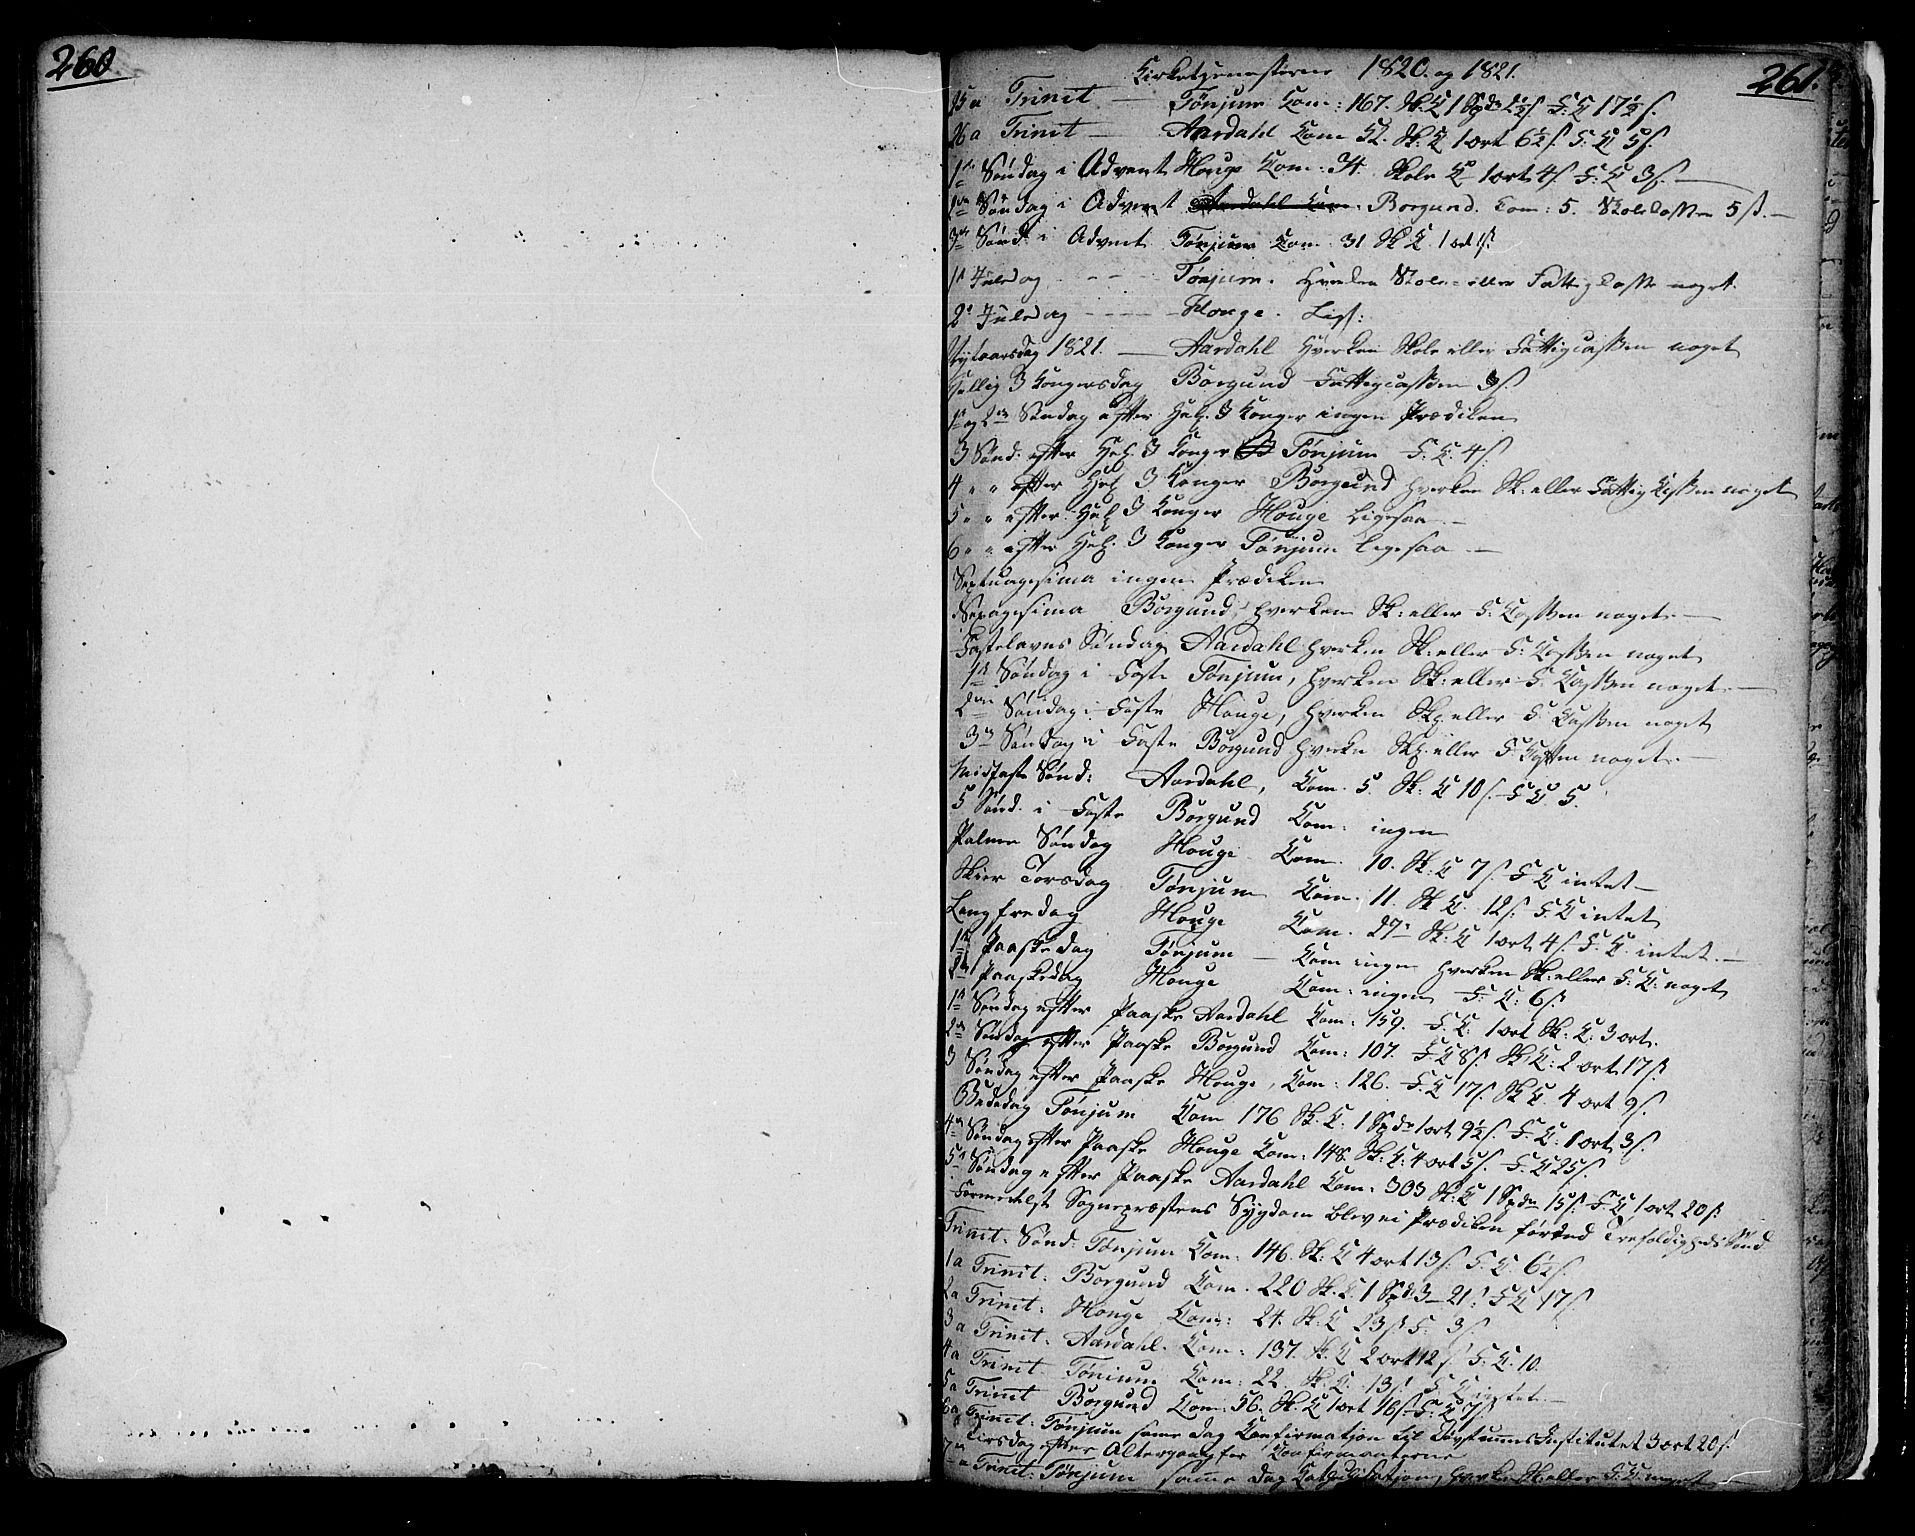 SAB, Lærdal sokneprestembete, Ministerialbok nr. A 4, 1805-1821, s. 260-261